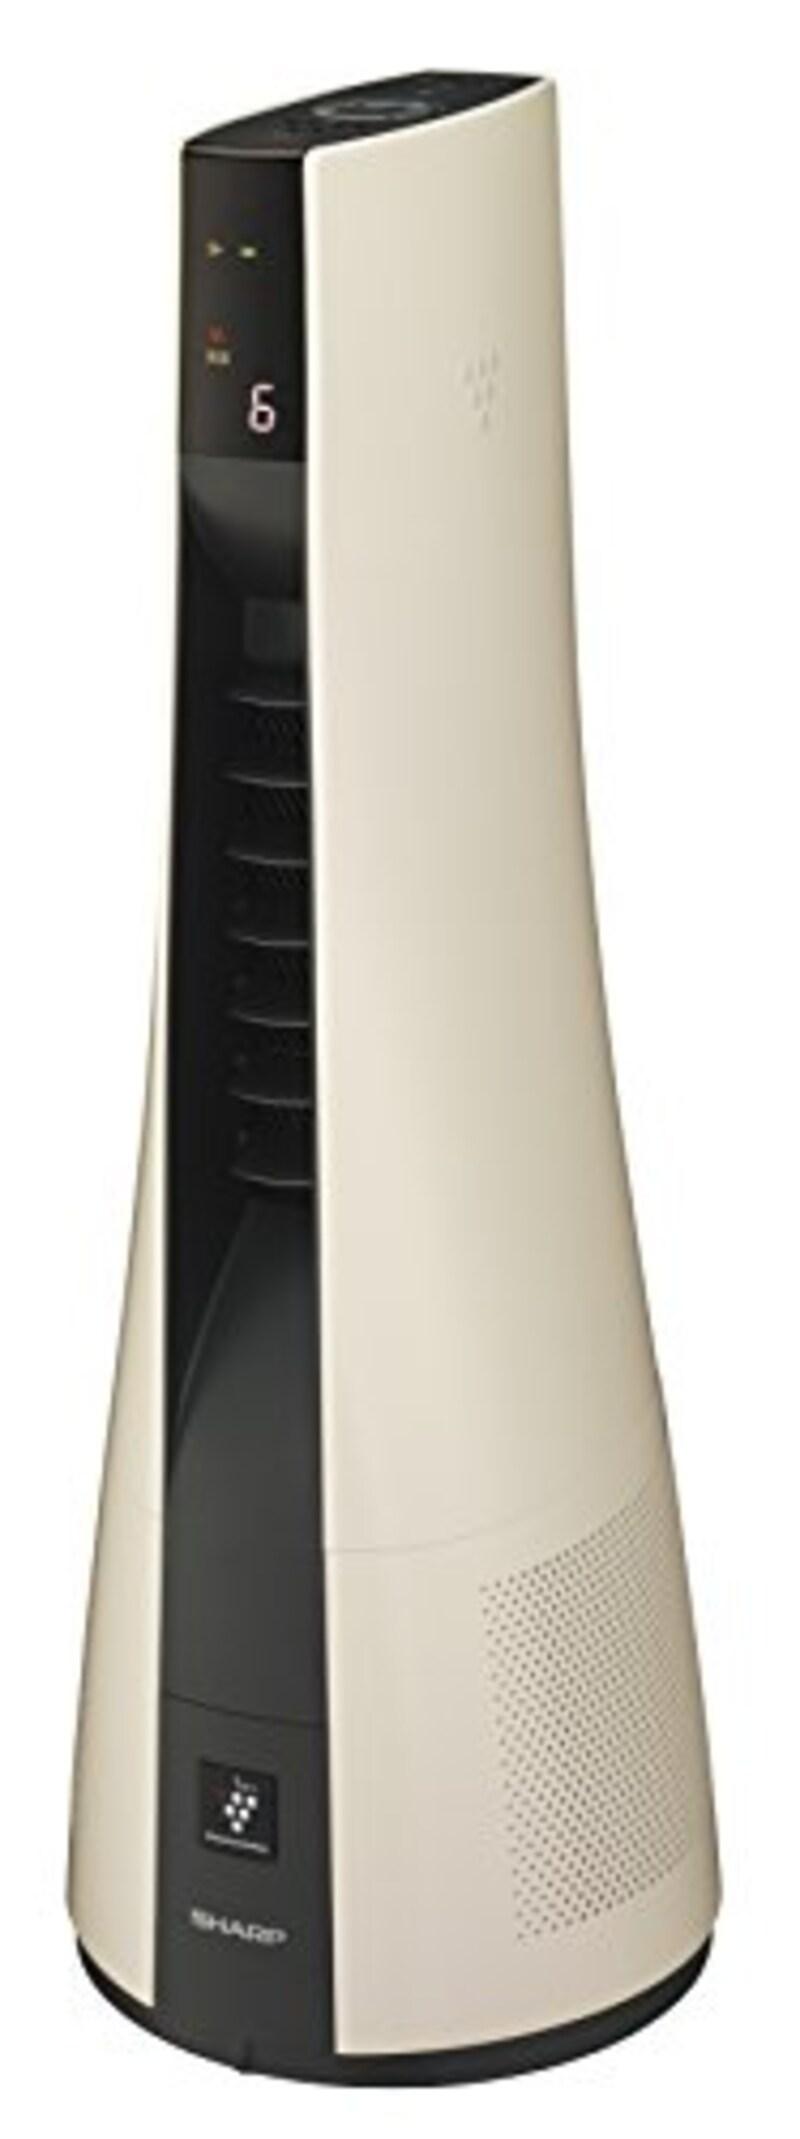 SHARP(シャープ),スリムイオンファンHOT&COOL,PF-HTH1-C